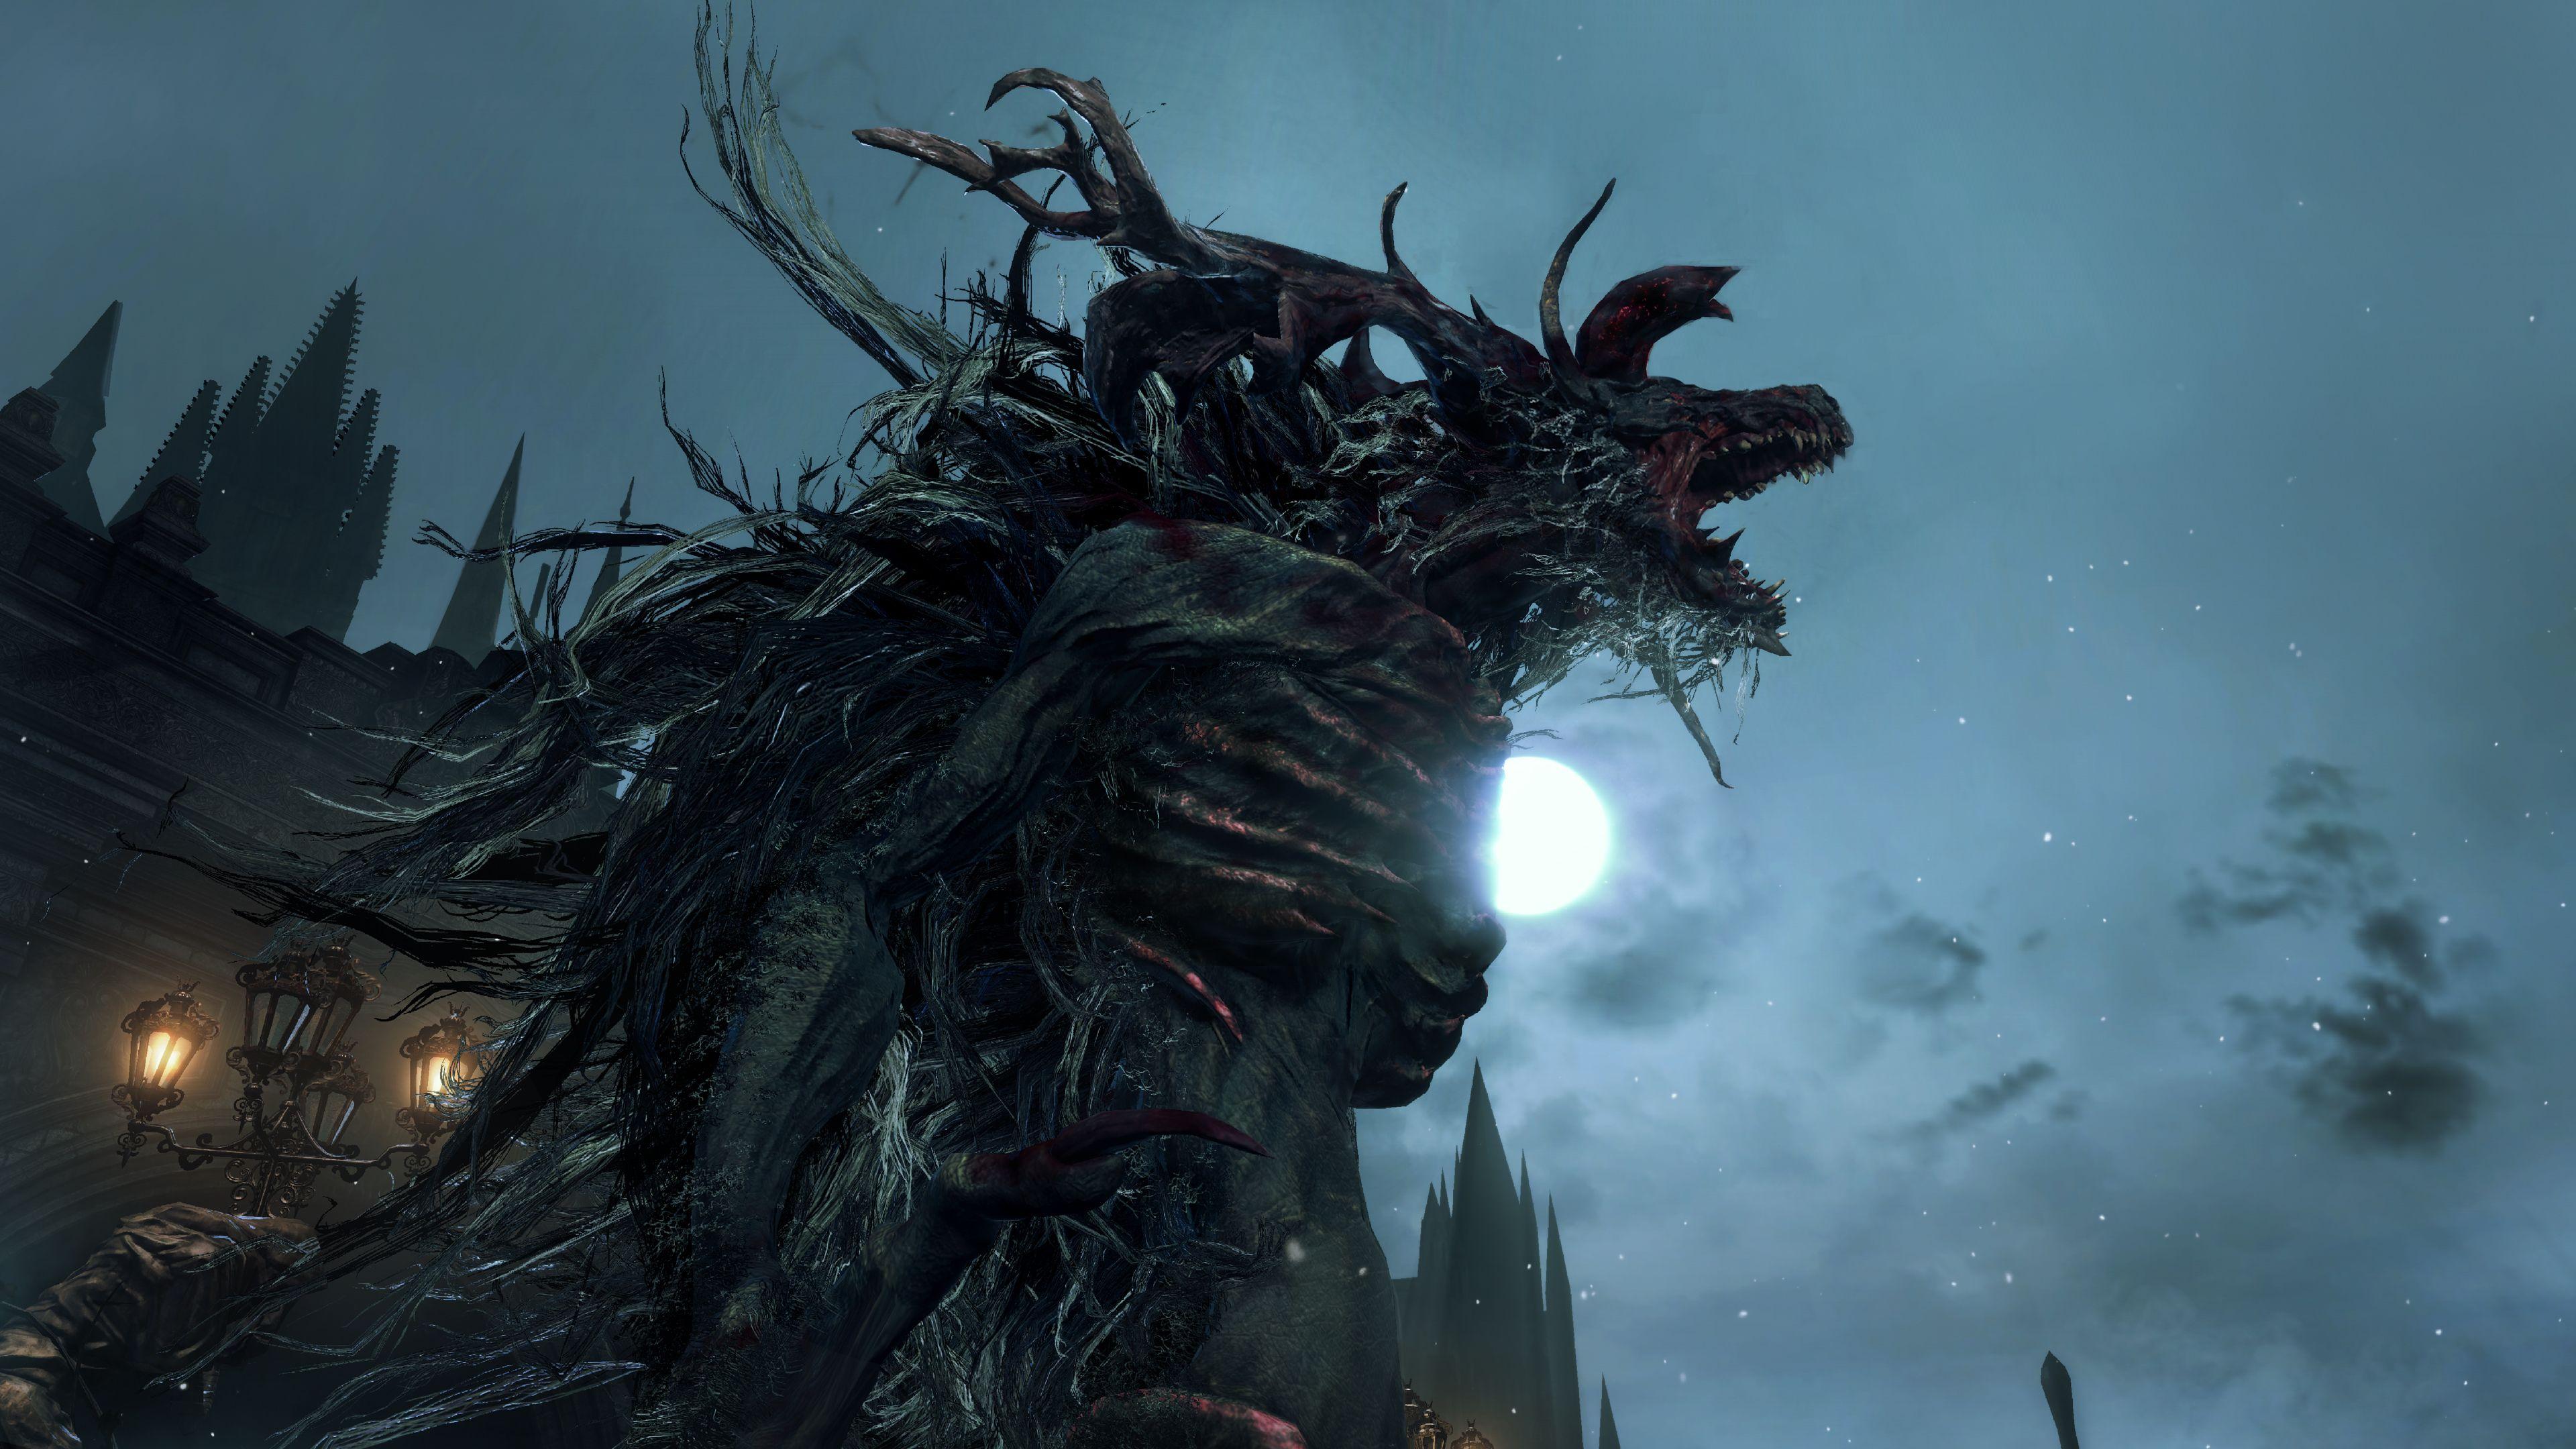 From Software: графика в Bloodborne по сравнению с последними видео будет улучшена Никакой PC-версии - Изображение 1